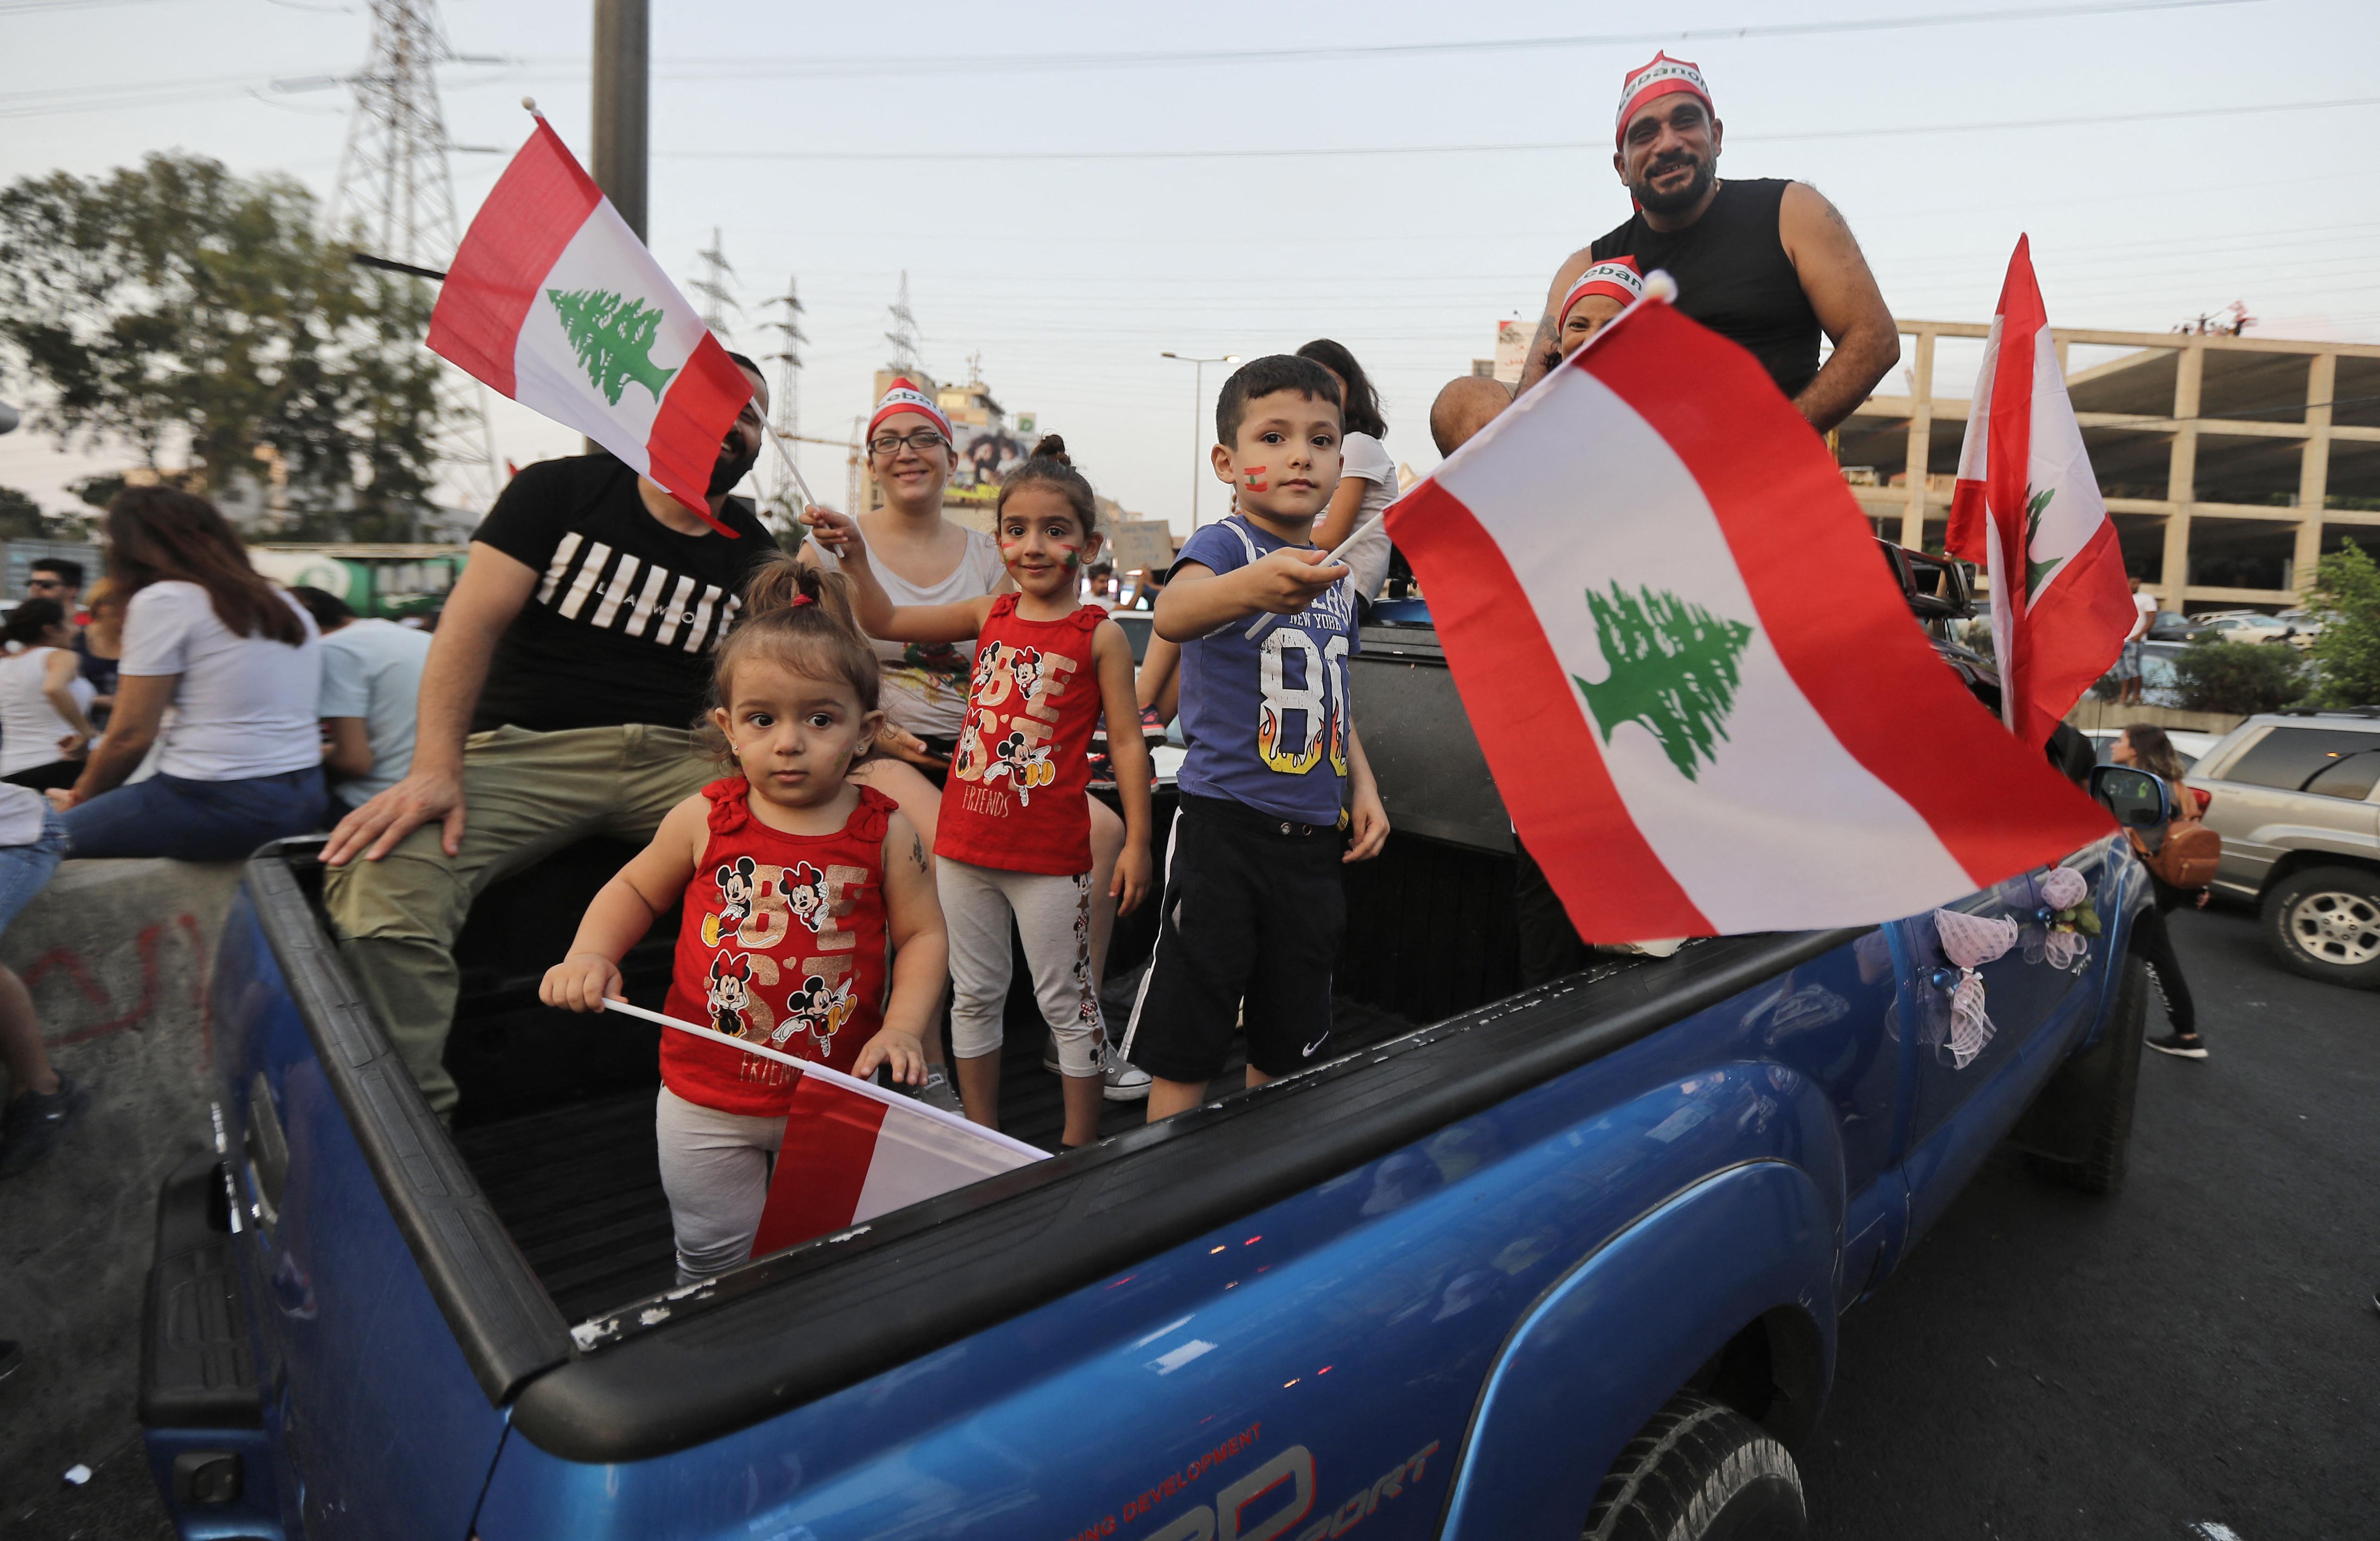 شارك العديد من الأطفال في تظاهرات لبنان الأخيرة